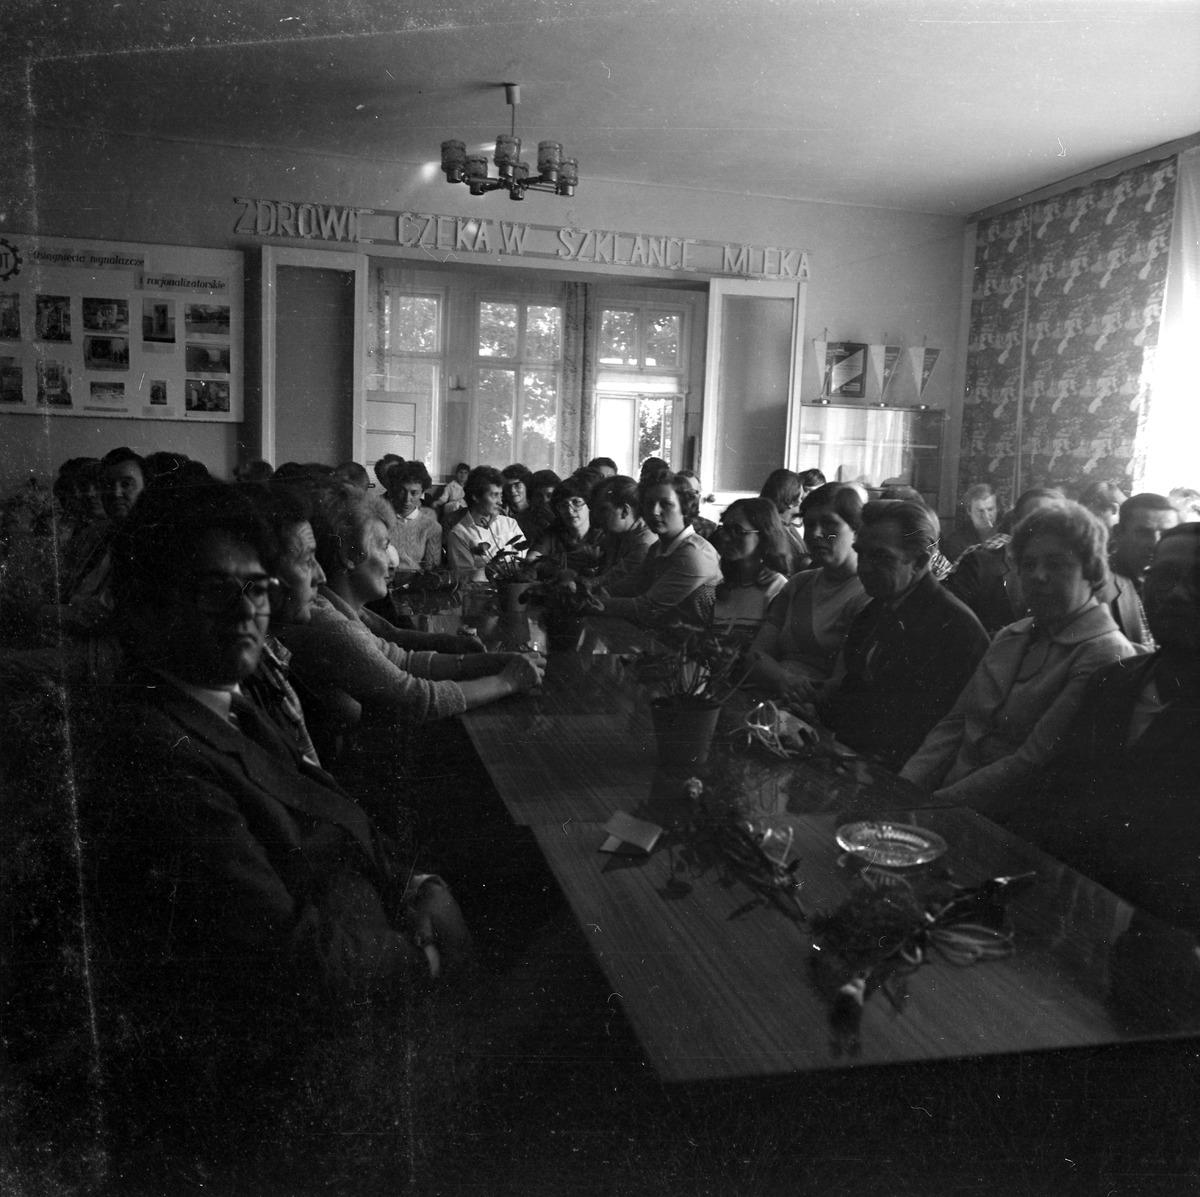 Spotkanie jubileuszowe w Mleczarni, 1985 r. [1]